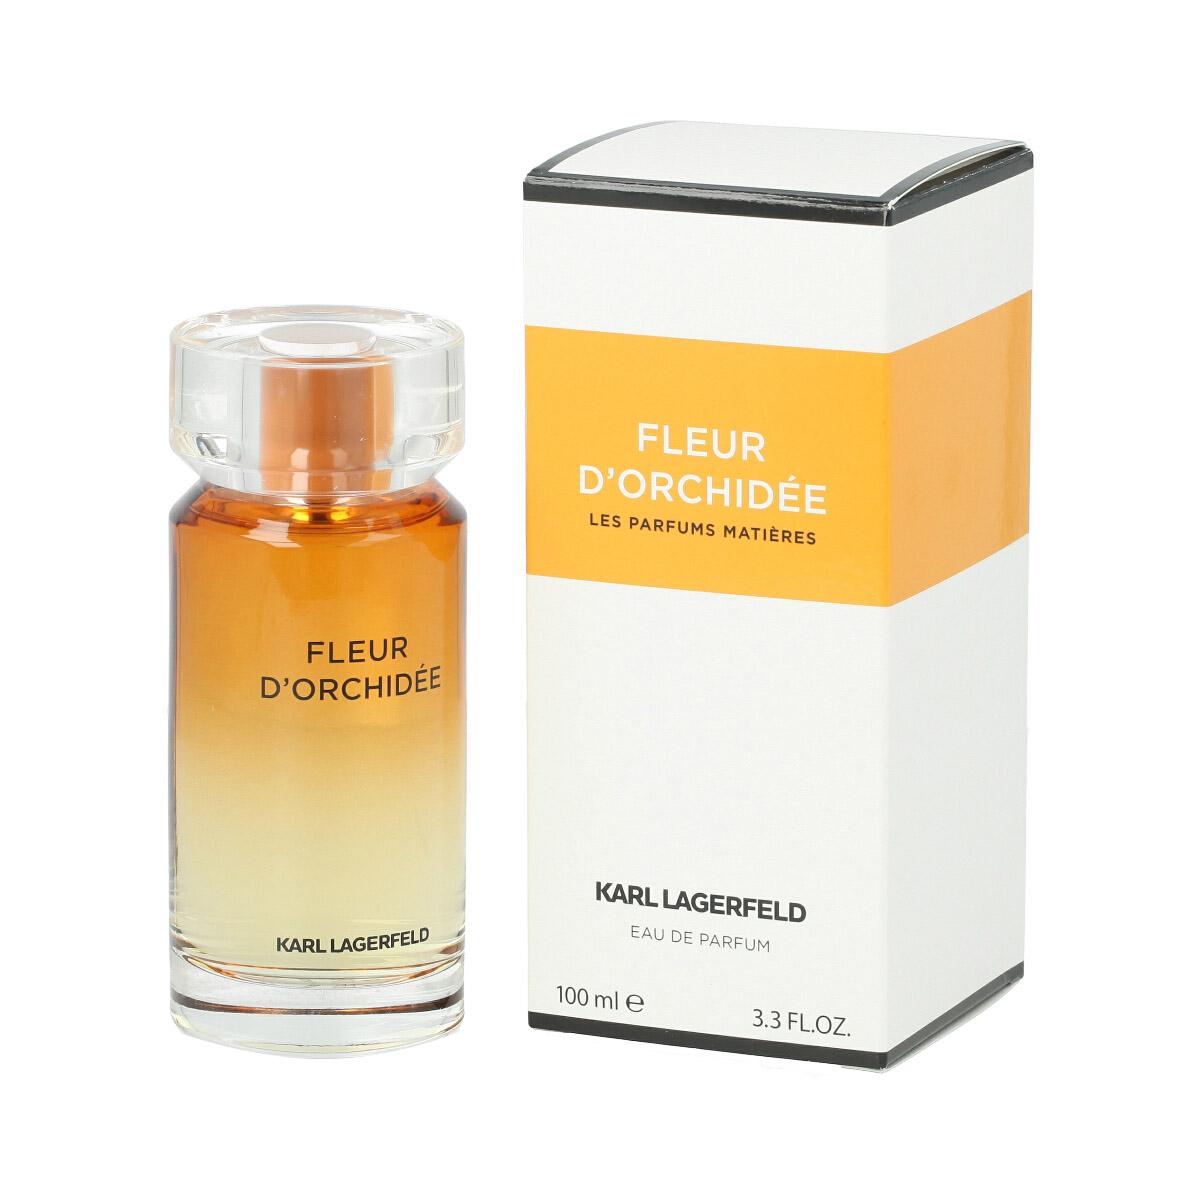 Karl Lagerfeld Fleur d'Orchideée Eau De Parfum 100 ml 16474